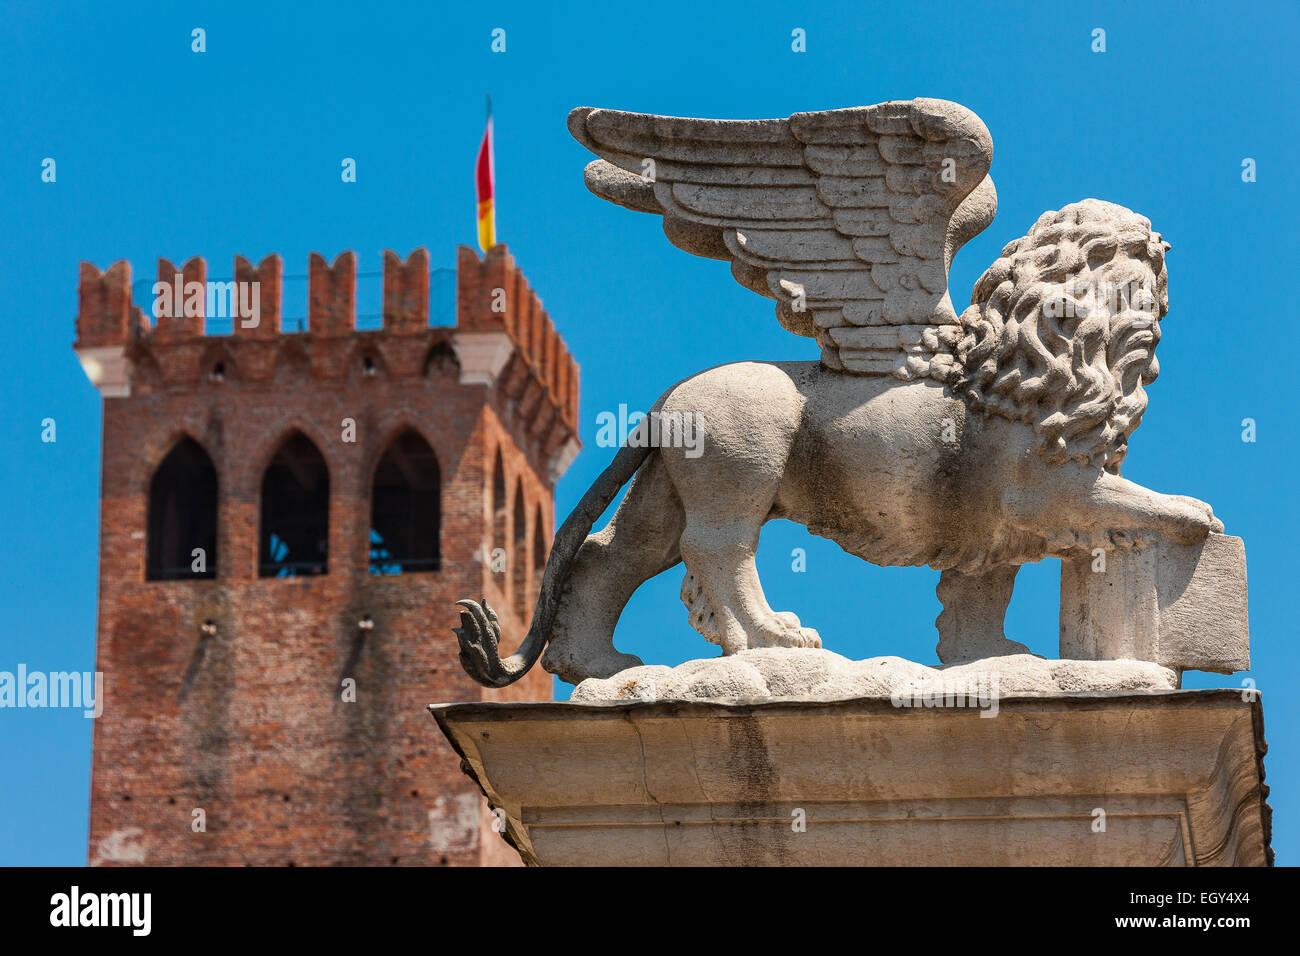 Bassano del Grappa, Libertà Square, The Lion of St. Mark - Stock Image